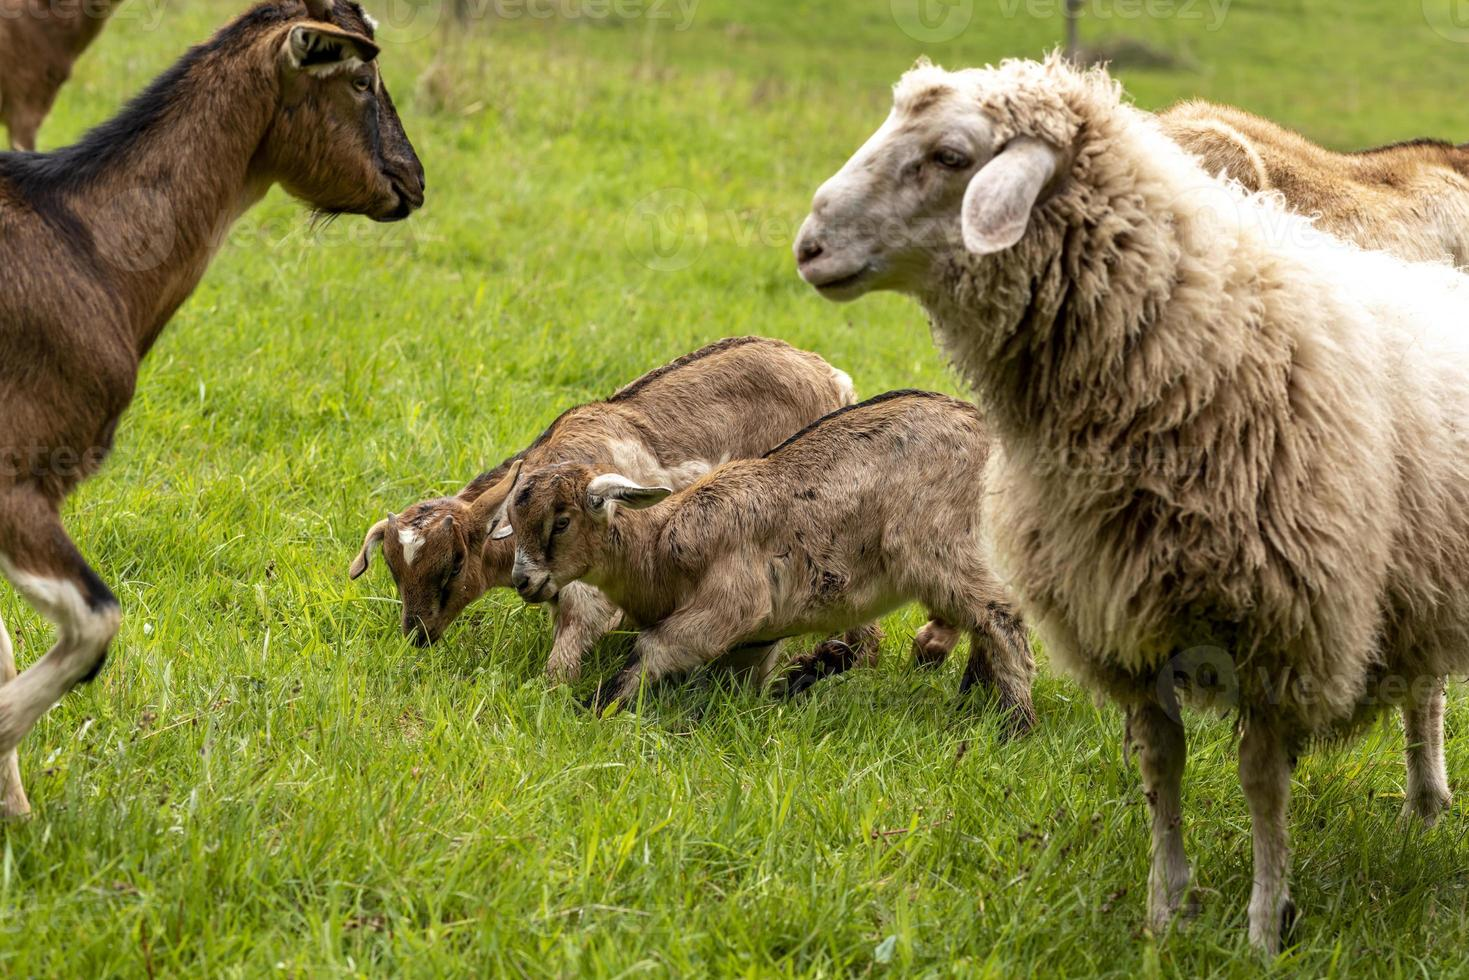 Deux jeunes chèvres domestiques marron et blanc jouant avec des moutons et des chèvres adultes photo